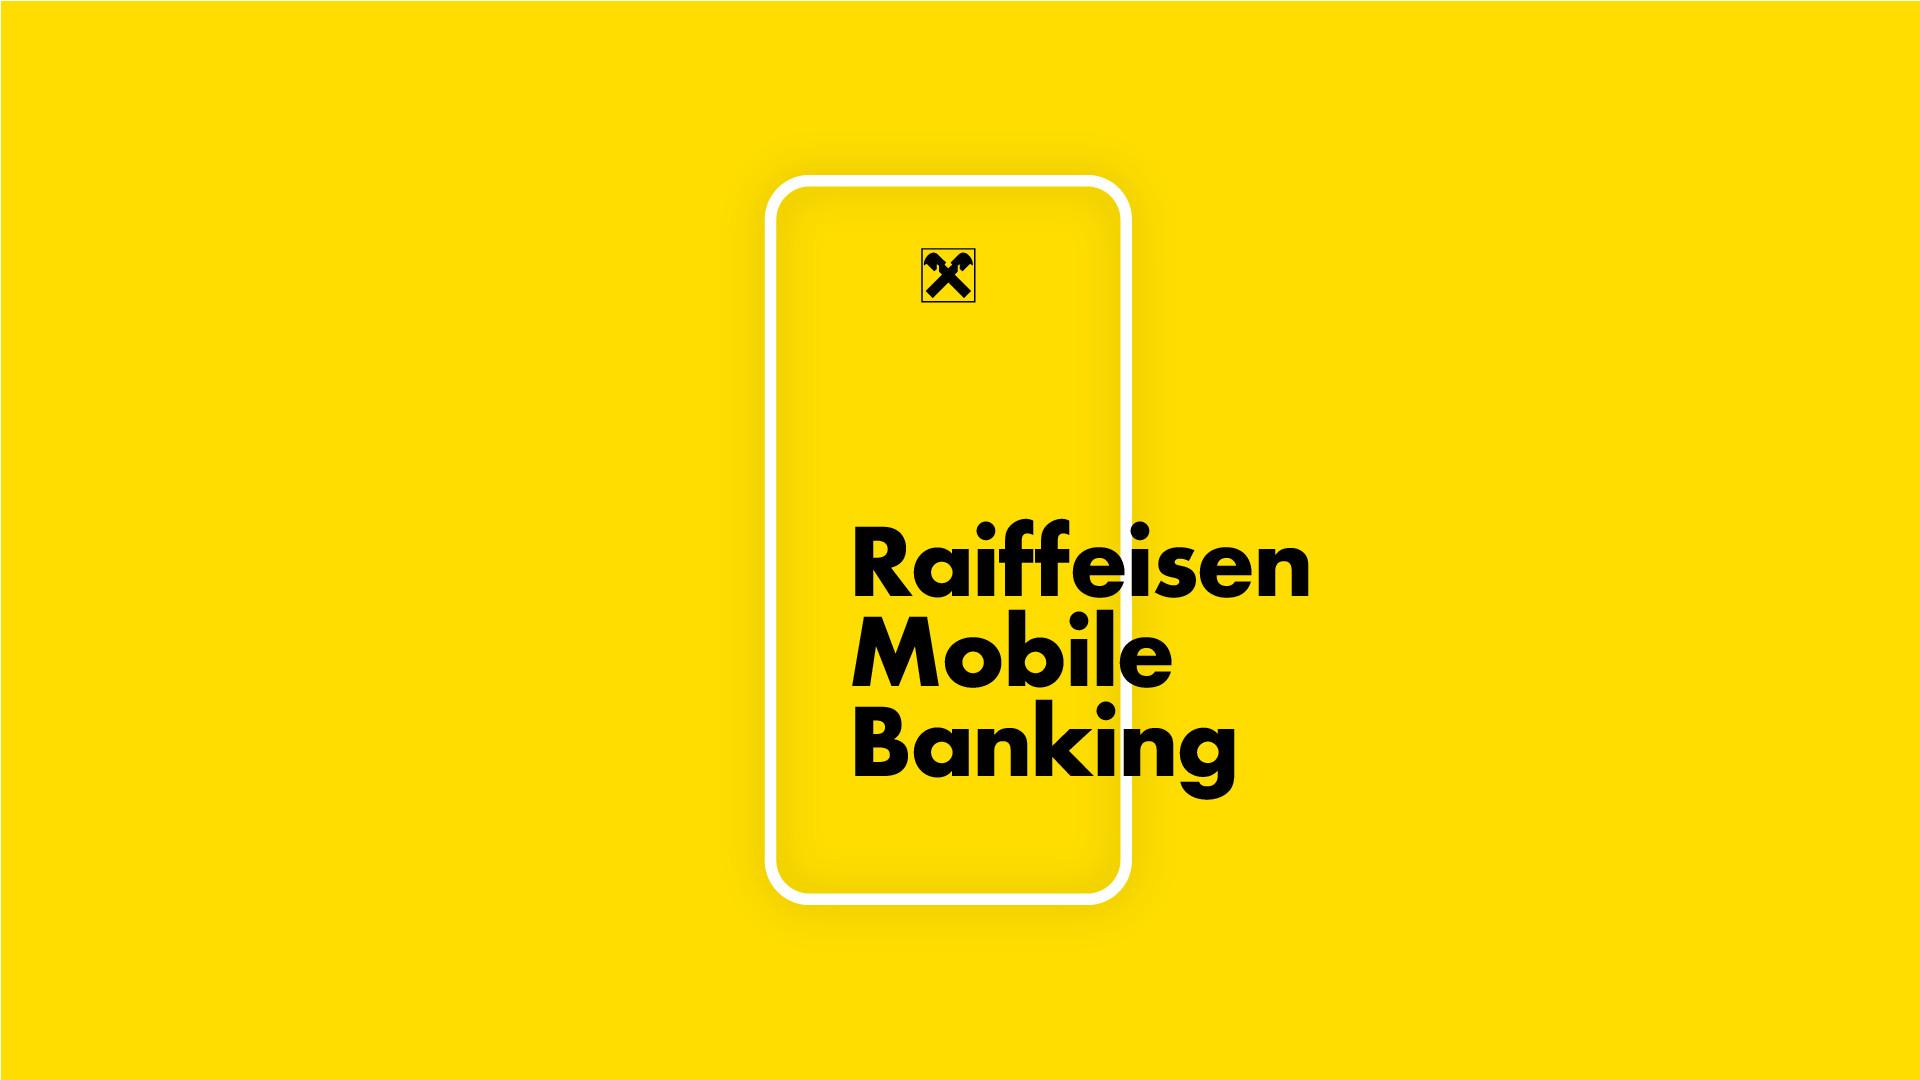 Raiffeisen Mobile Banking